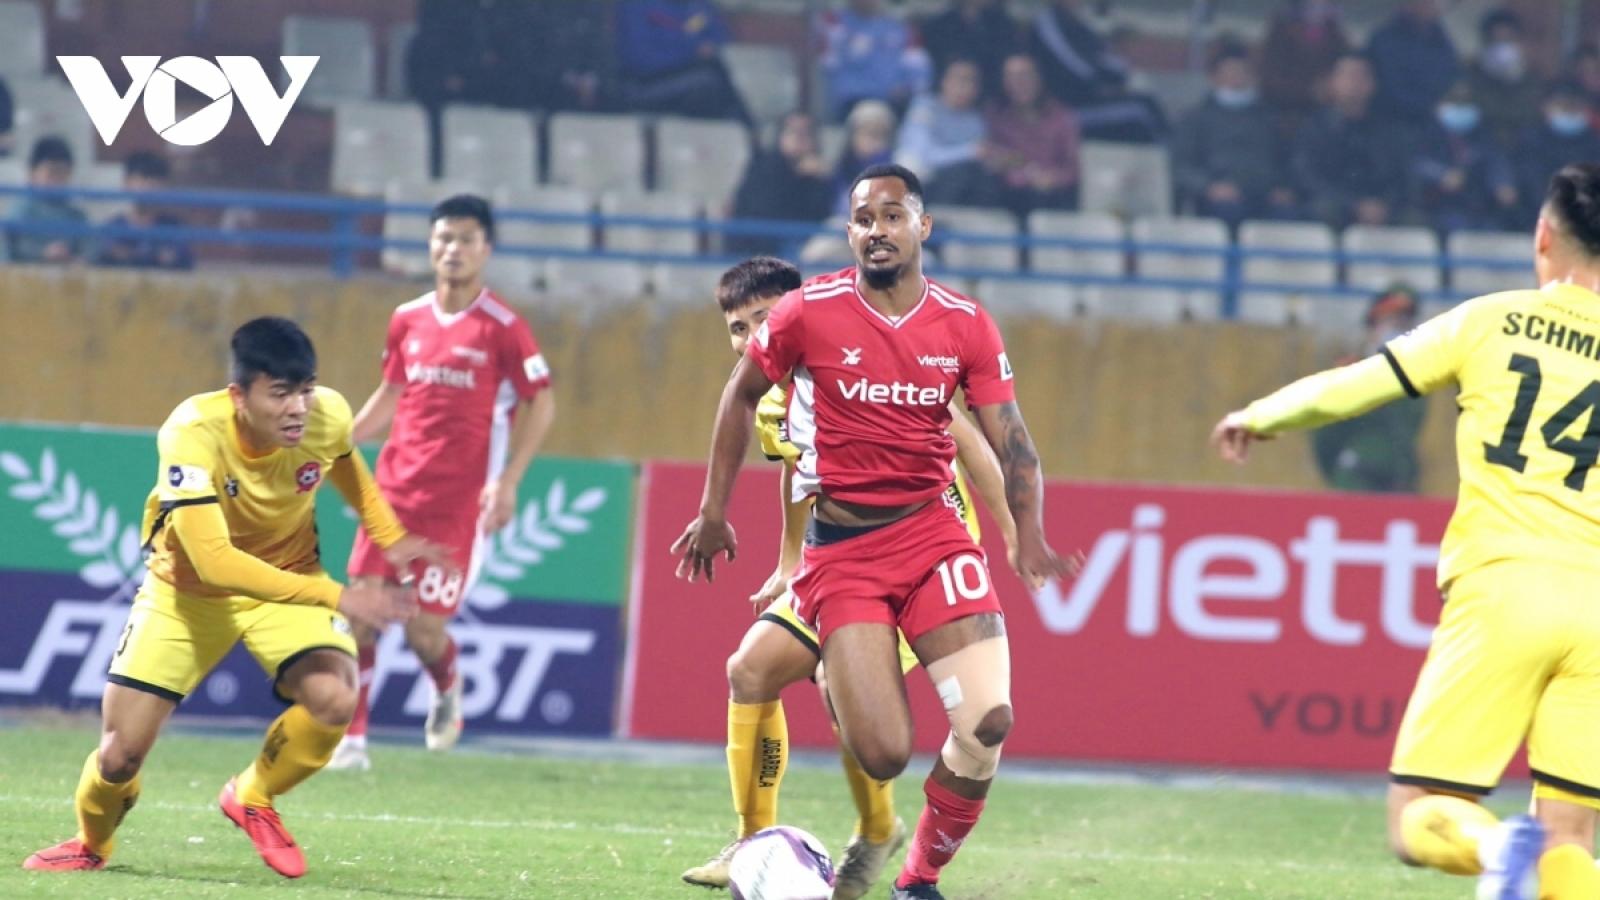 Chùm ảnh: Ngoại binh xuất sắc V-League 2020 nhạt nhòa trước hàng thủ Hải Phòng